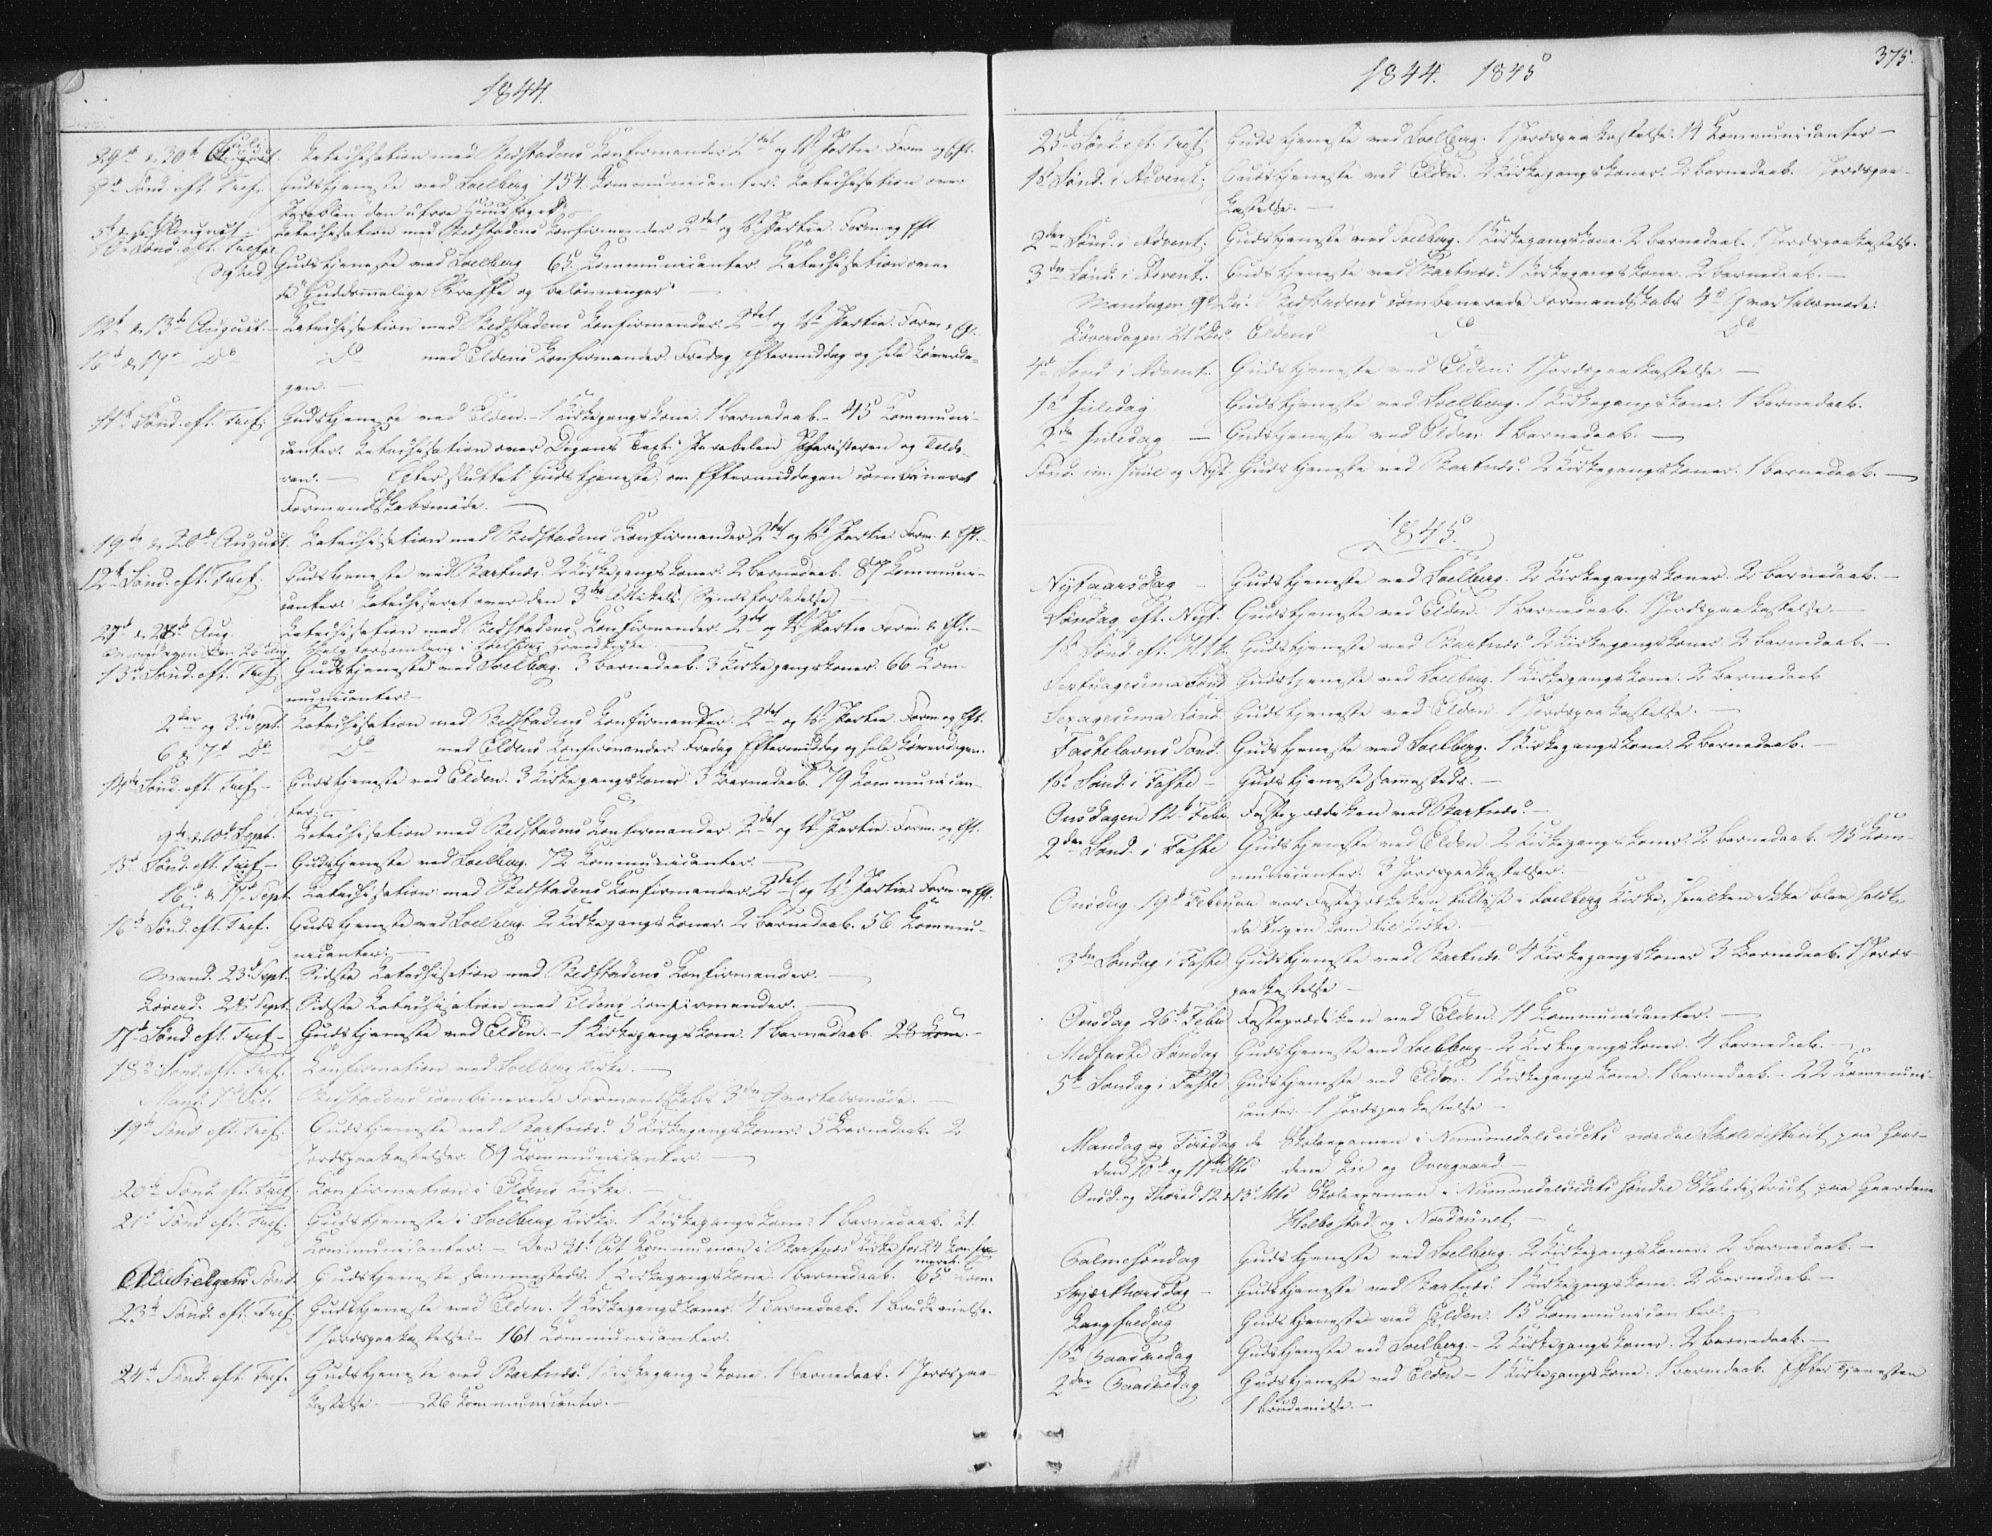 SAT, Ministerialprotokoller, klokkerbøker og fødselsregistre - Nord-Trøndelag, 741/L0392: Ministerialbok nr. 741A06, 1836-1848, s. 375